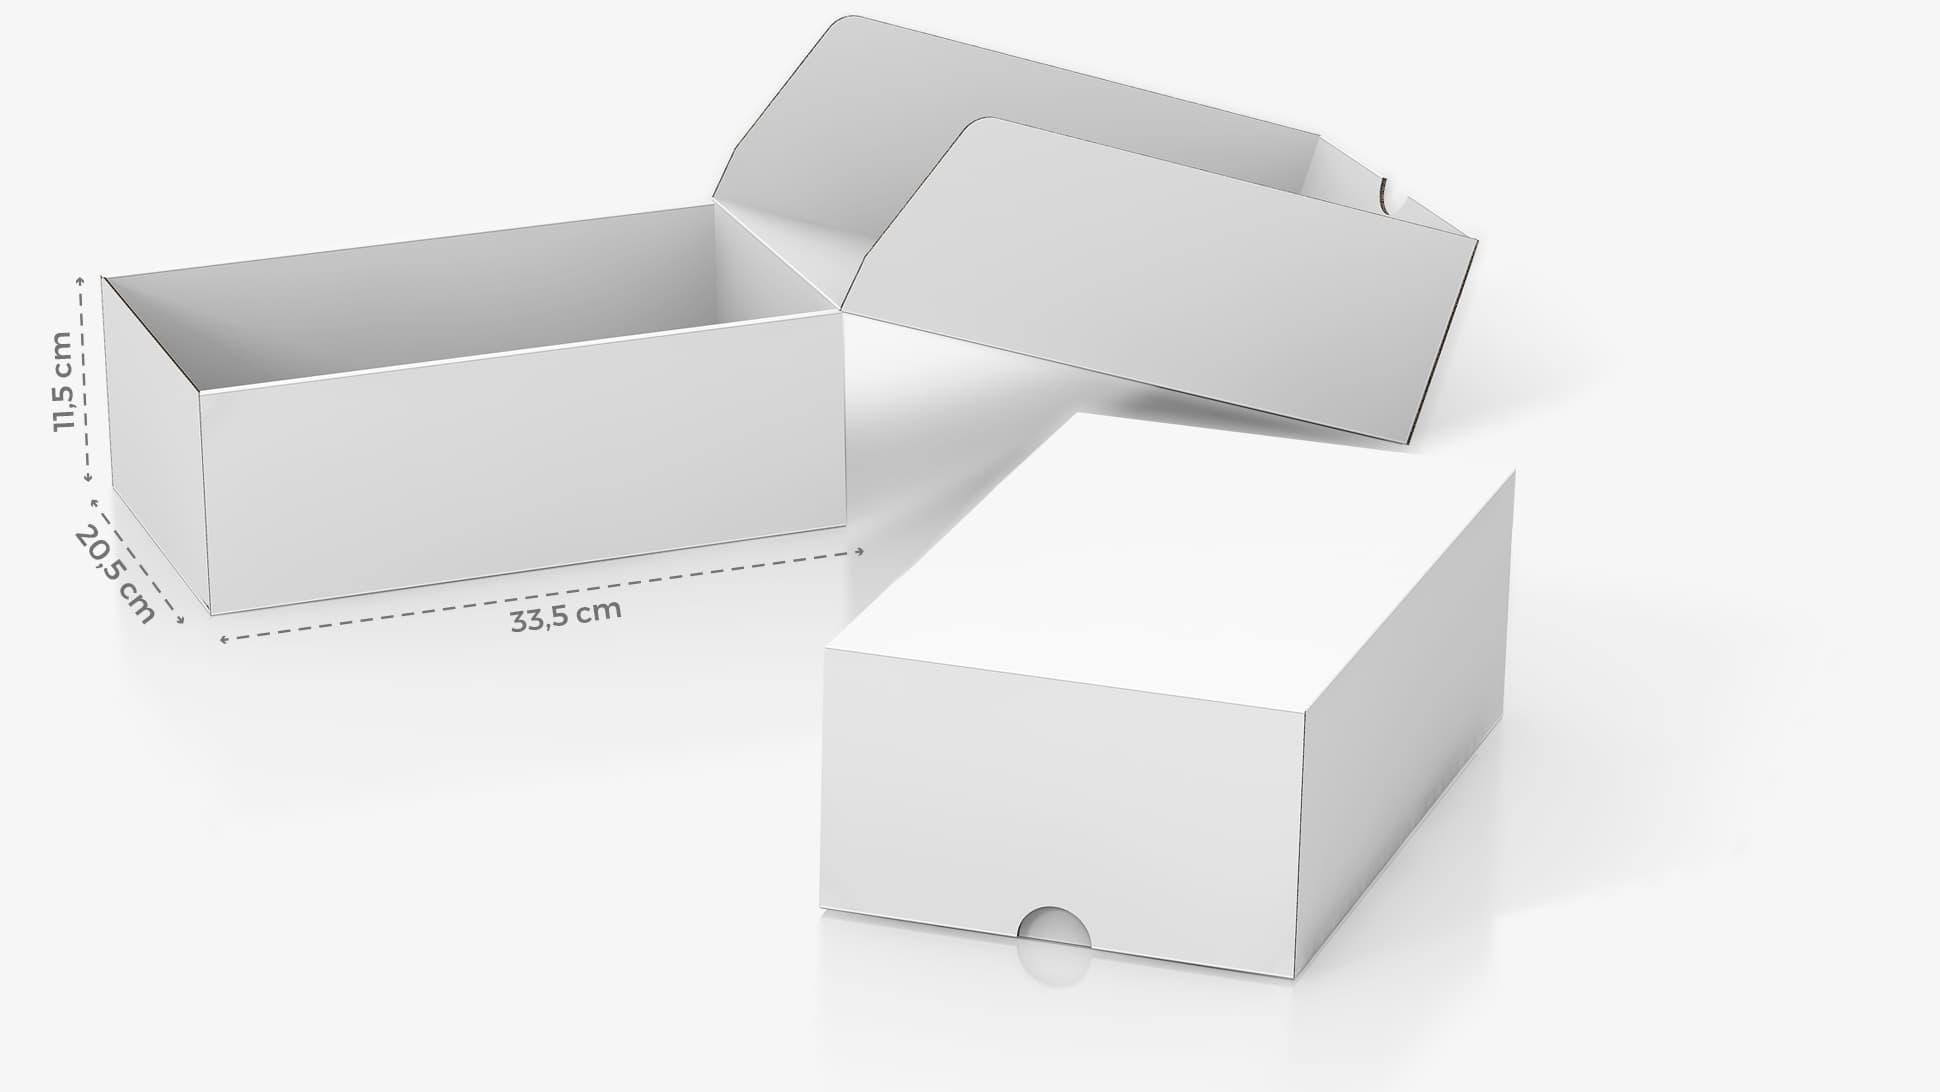 Scatola in cartone 33,5x11,5 cm personalizzabile | tictac.it